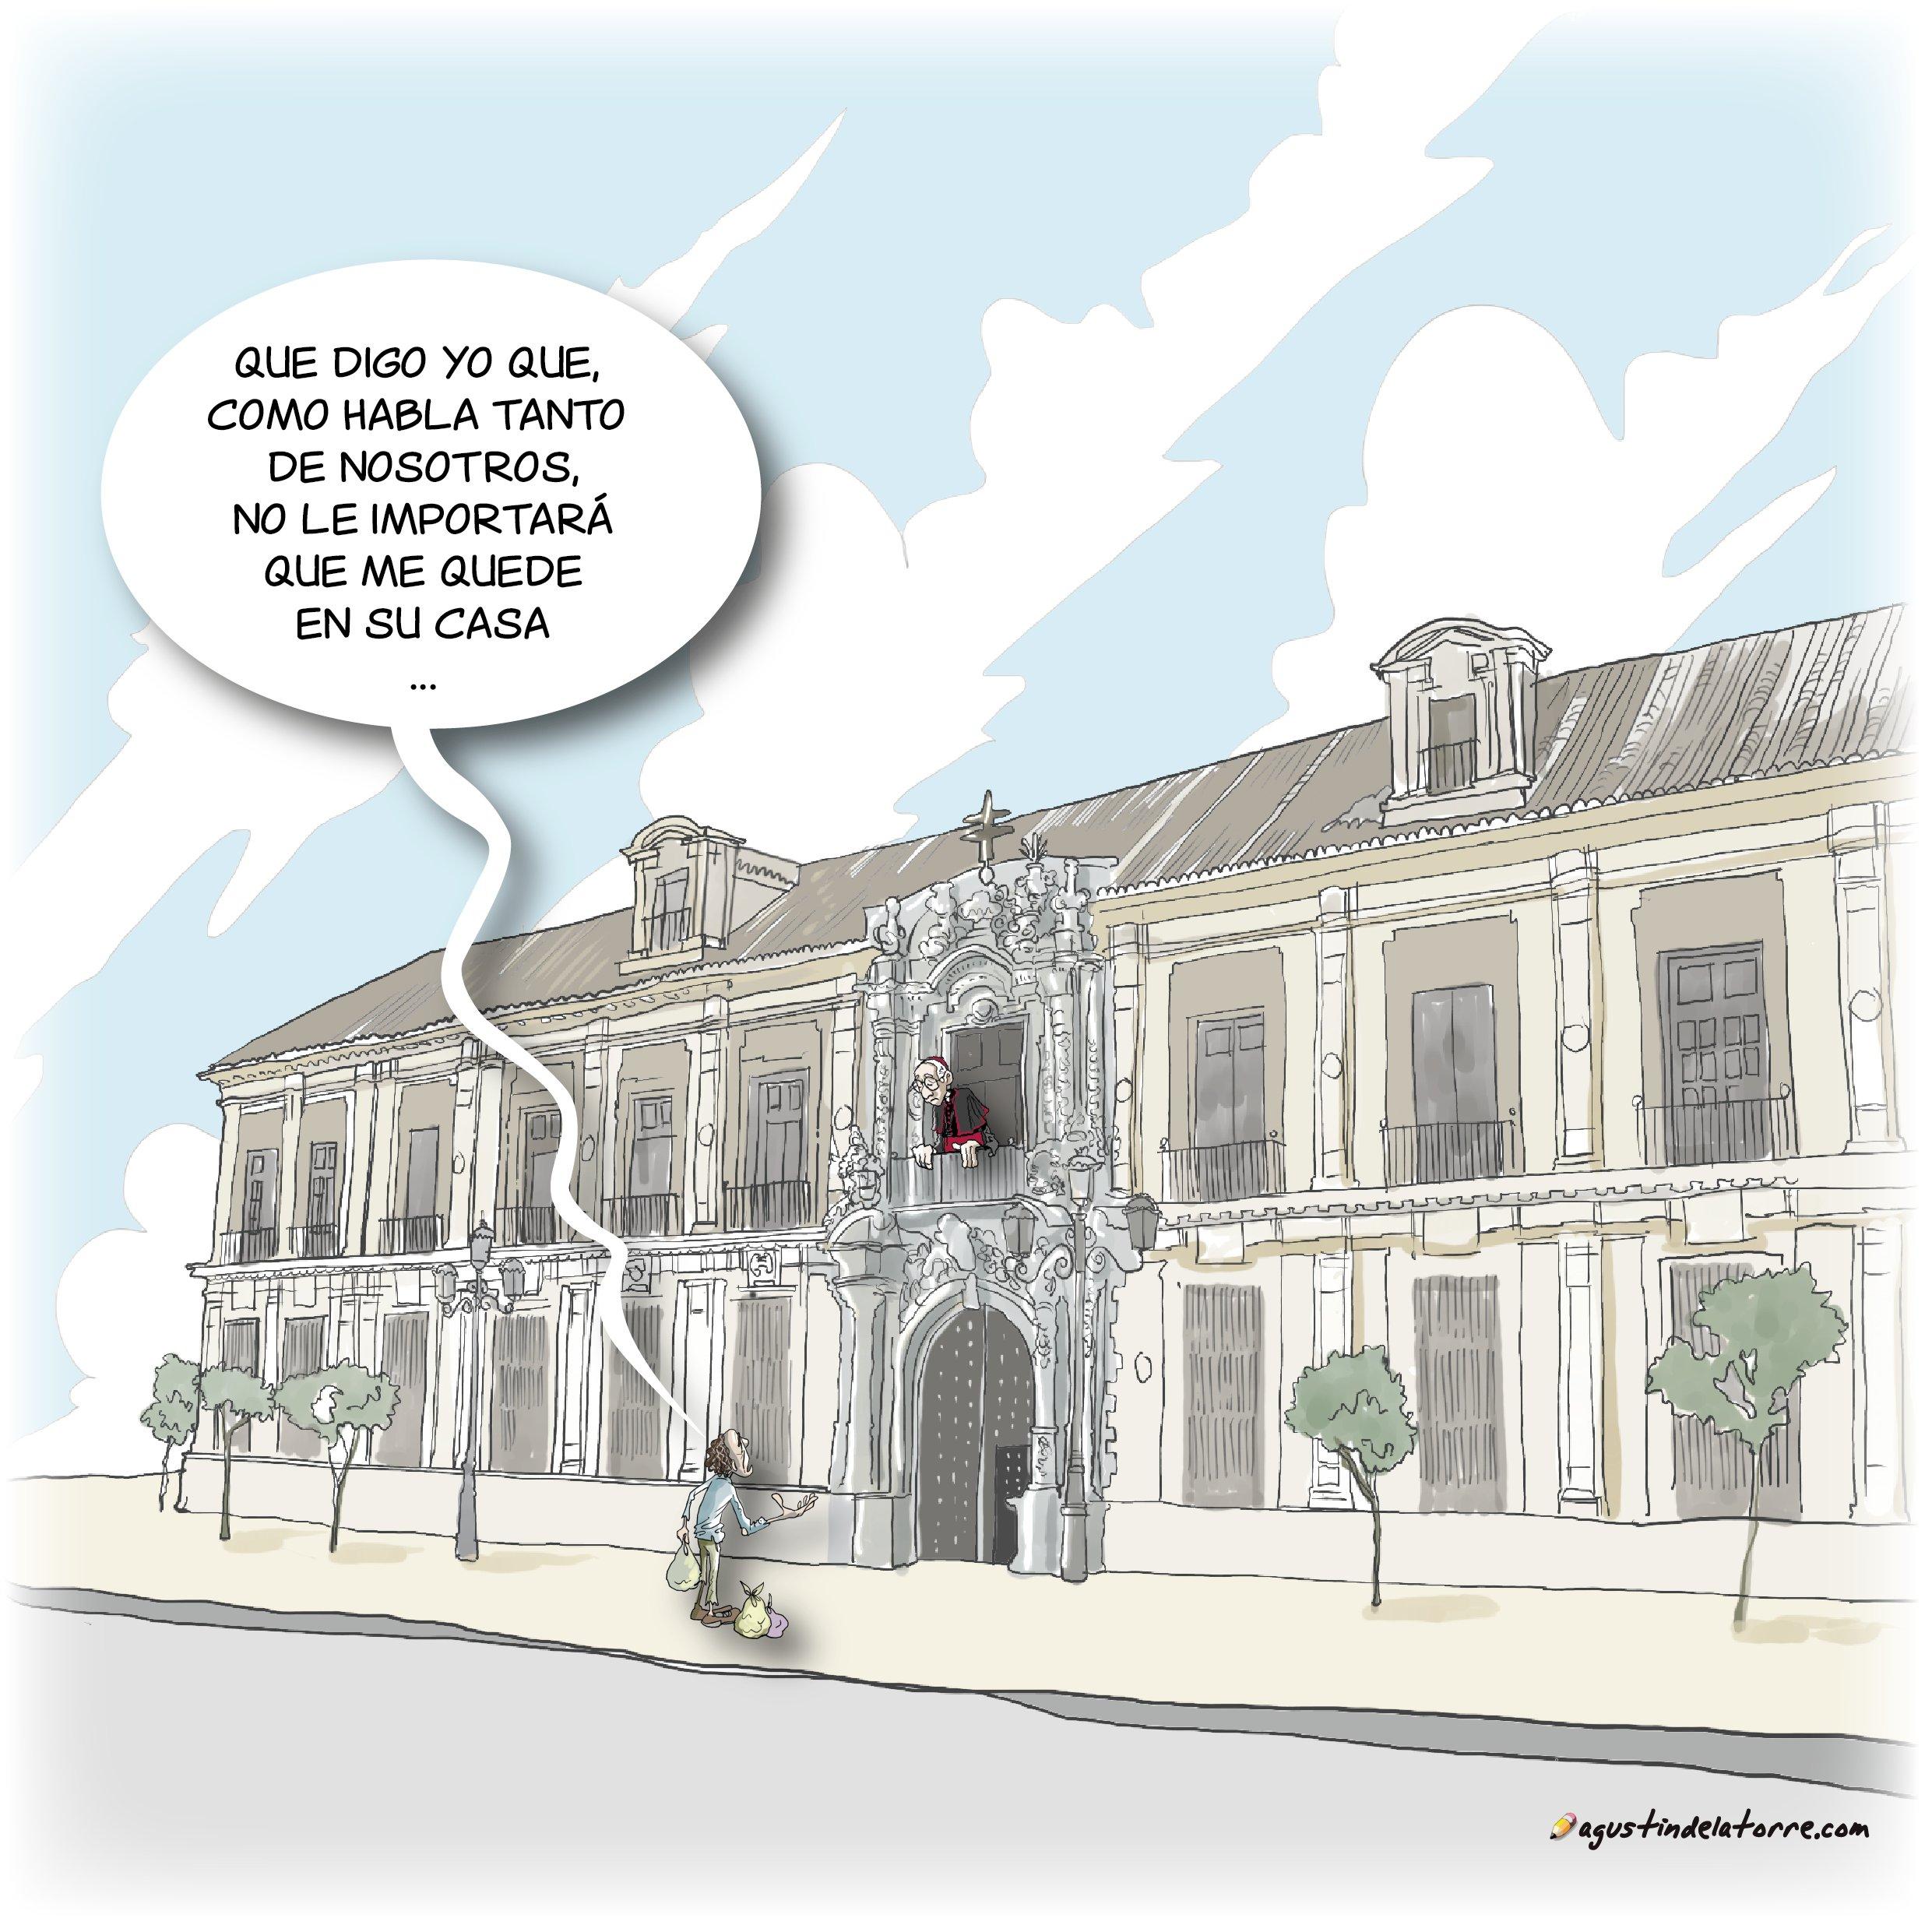 Palacio episcopal y pobre